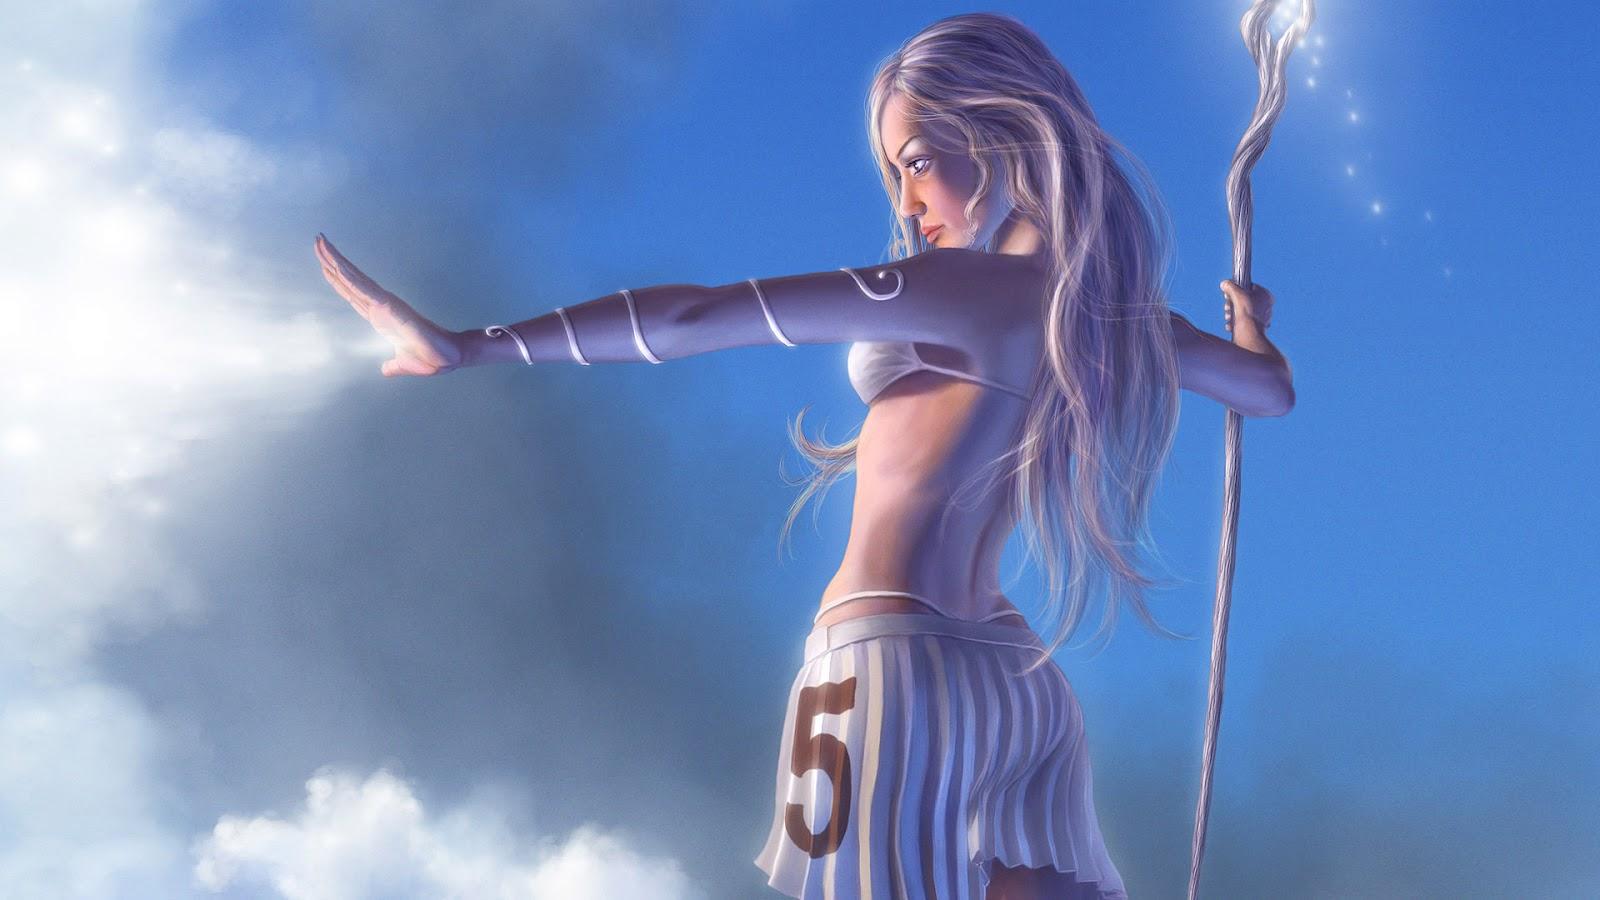 http://2.bp.blogspot.com/-FfQpX3_ltRs/T1kNSNNn54I/AAAAAAAAASU/Rq7e0V8D80A/s1600/fantasy-hd-wallpaper-wizard-lady-backgrounds.jpg